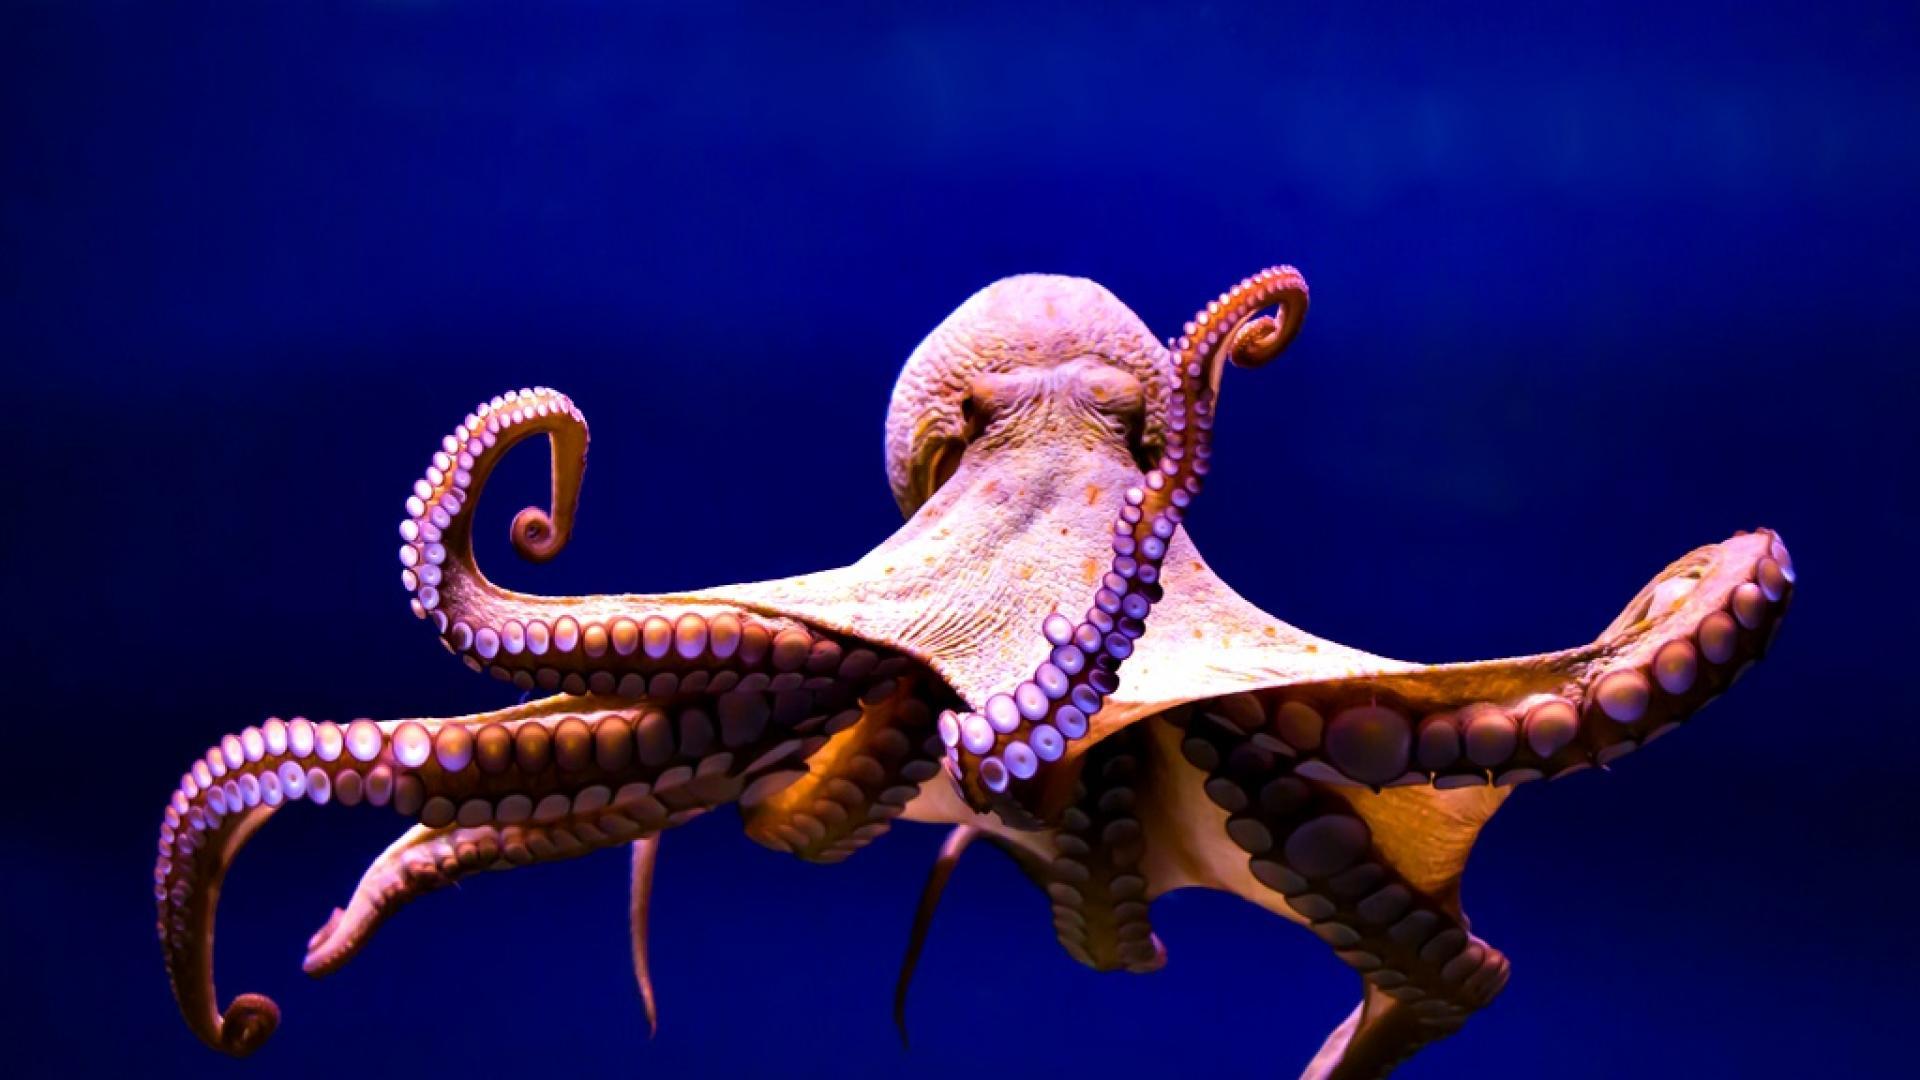 Защо да отглеждаме октоподи във ферми не е добра идея